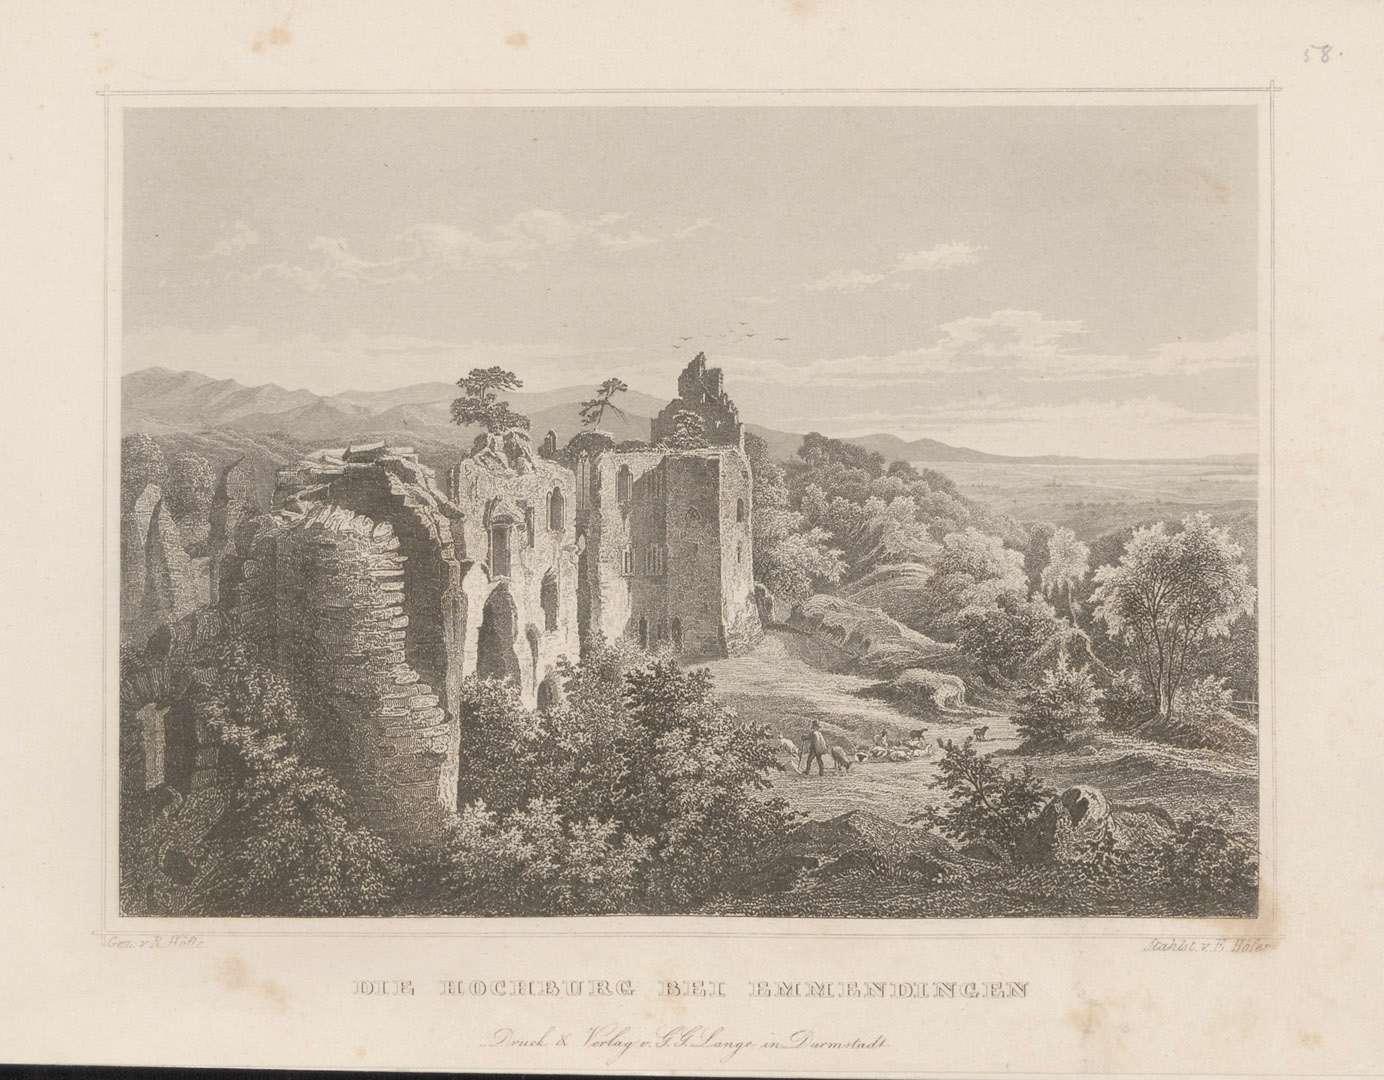 Die Hochburg bei Emmendingen, Bild 1